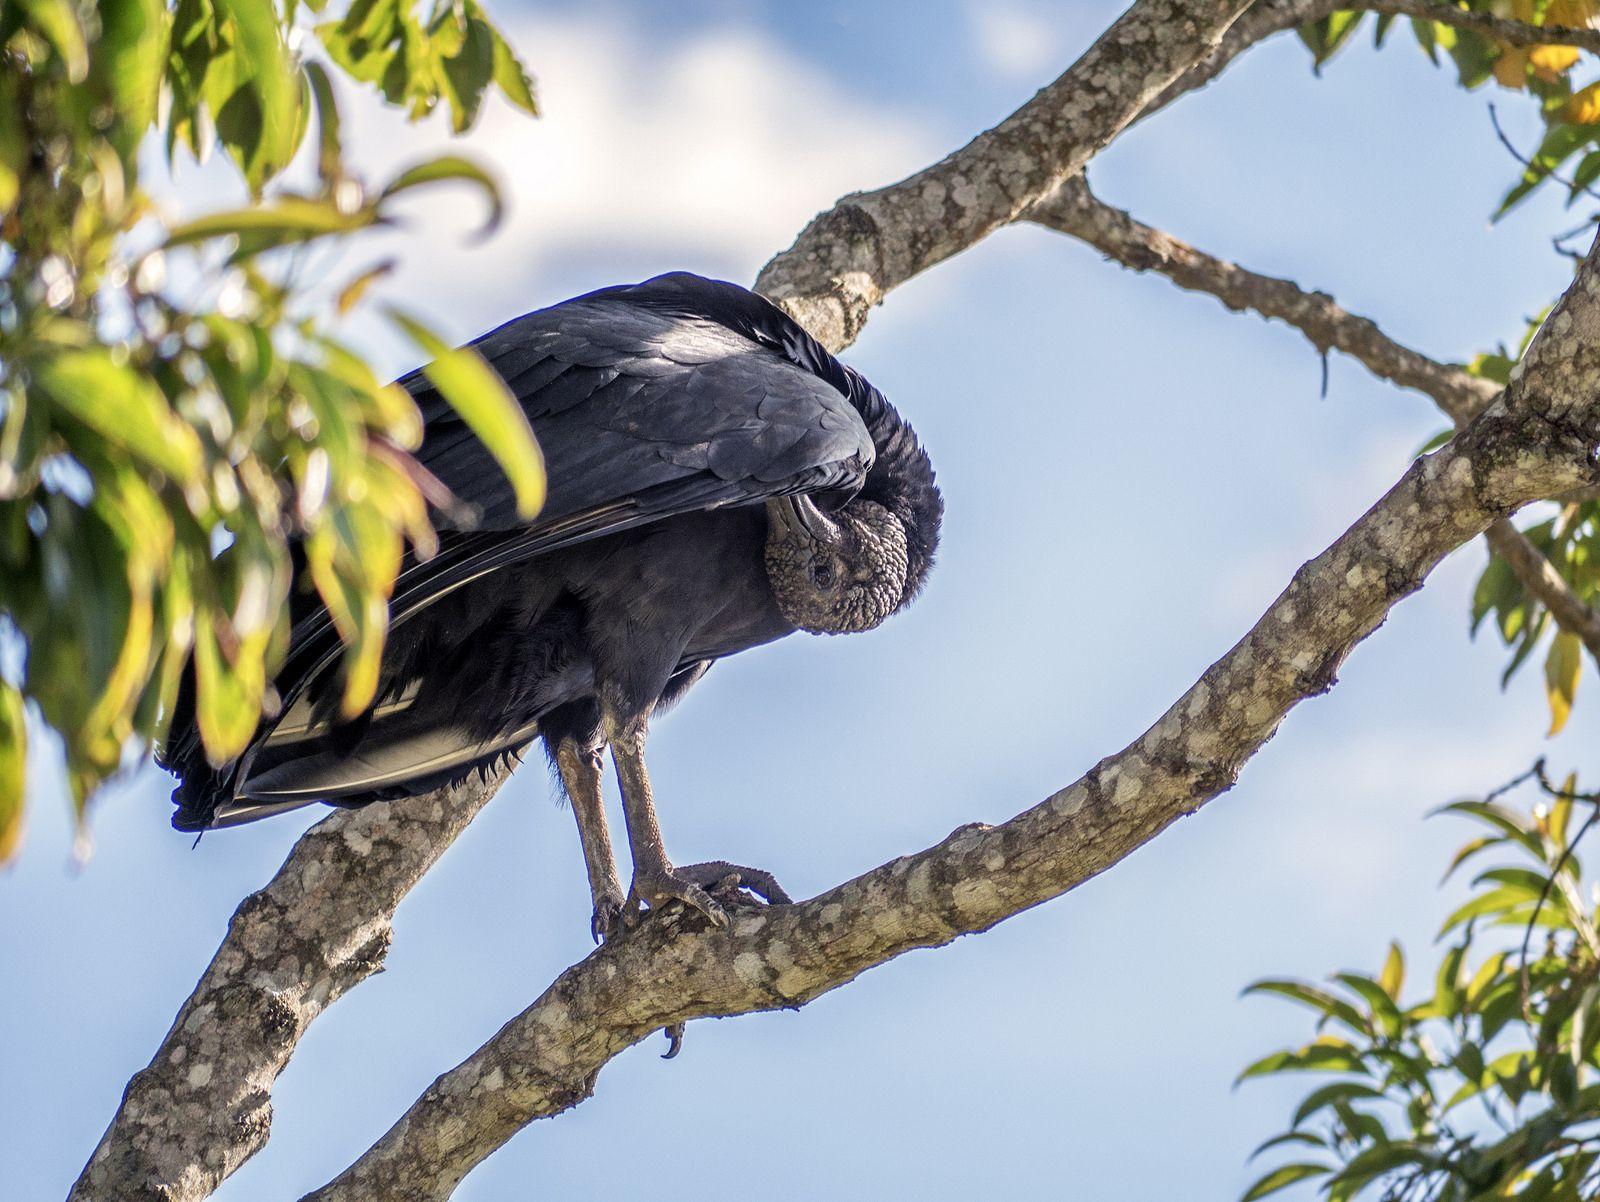 https://flic.kr/p/VnCpw2 | Urubu | Um urubu no Brasil.  Tenha um bom dia. :-)  ___________________________________________  Vulture  A vulture in Brazil.  Have a great day. :-)  ___________________________________________  Buy my photos at / Compre minhas fotos na Getty Images  To direct contact me / Para me contactar diretamente: lmsmartins@msn.com